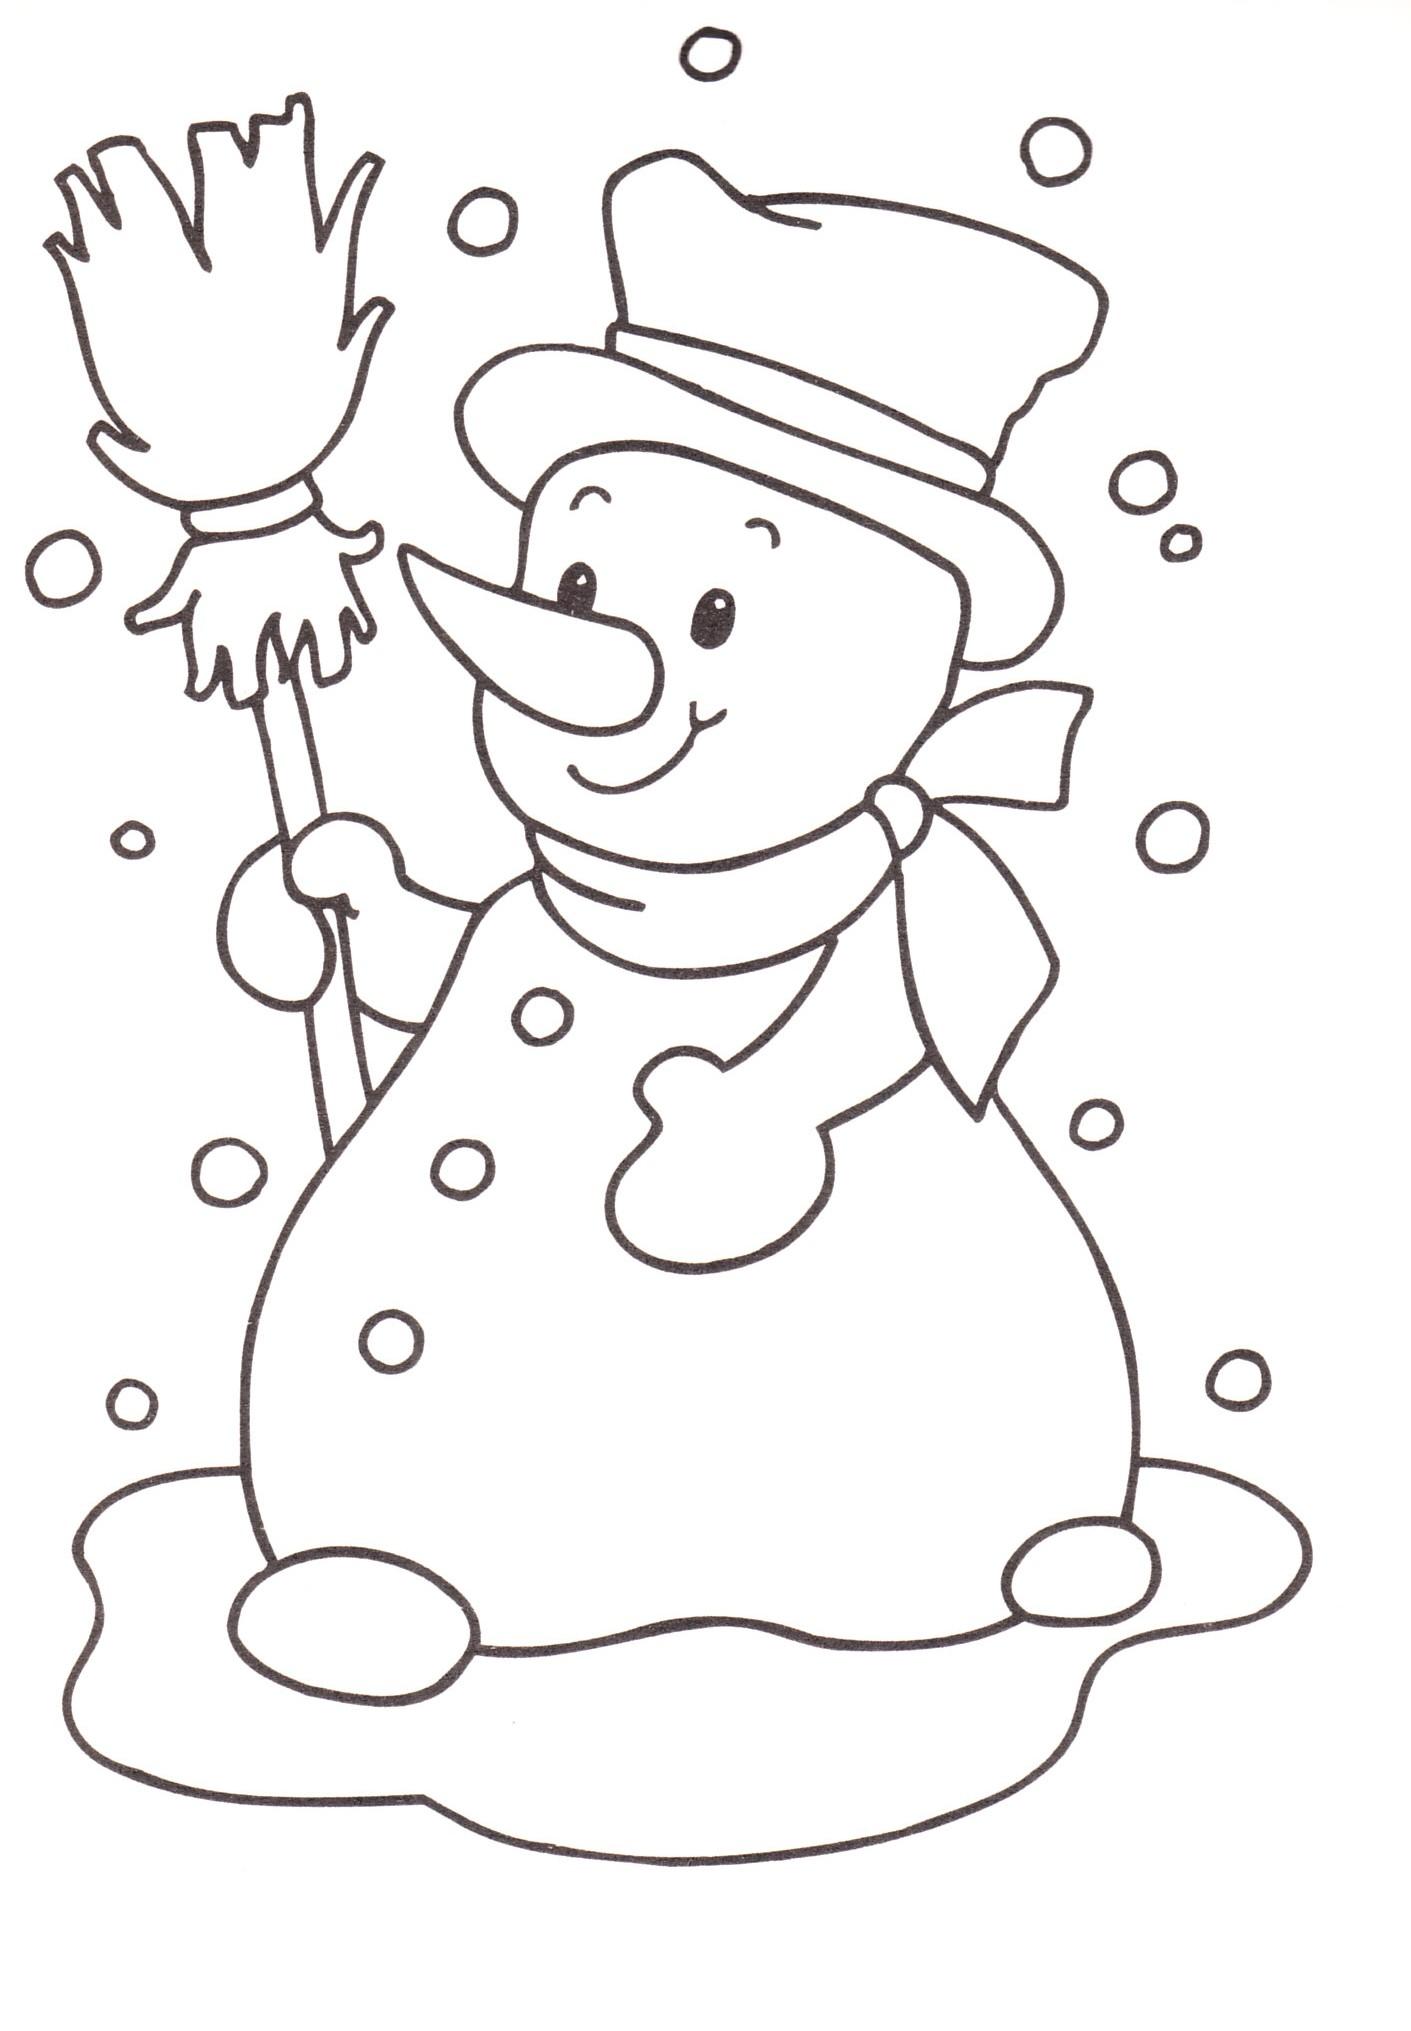 Disegni bambini stampare colorare pupazzo di neve - Disegni di casa da colorare per bambini ...